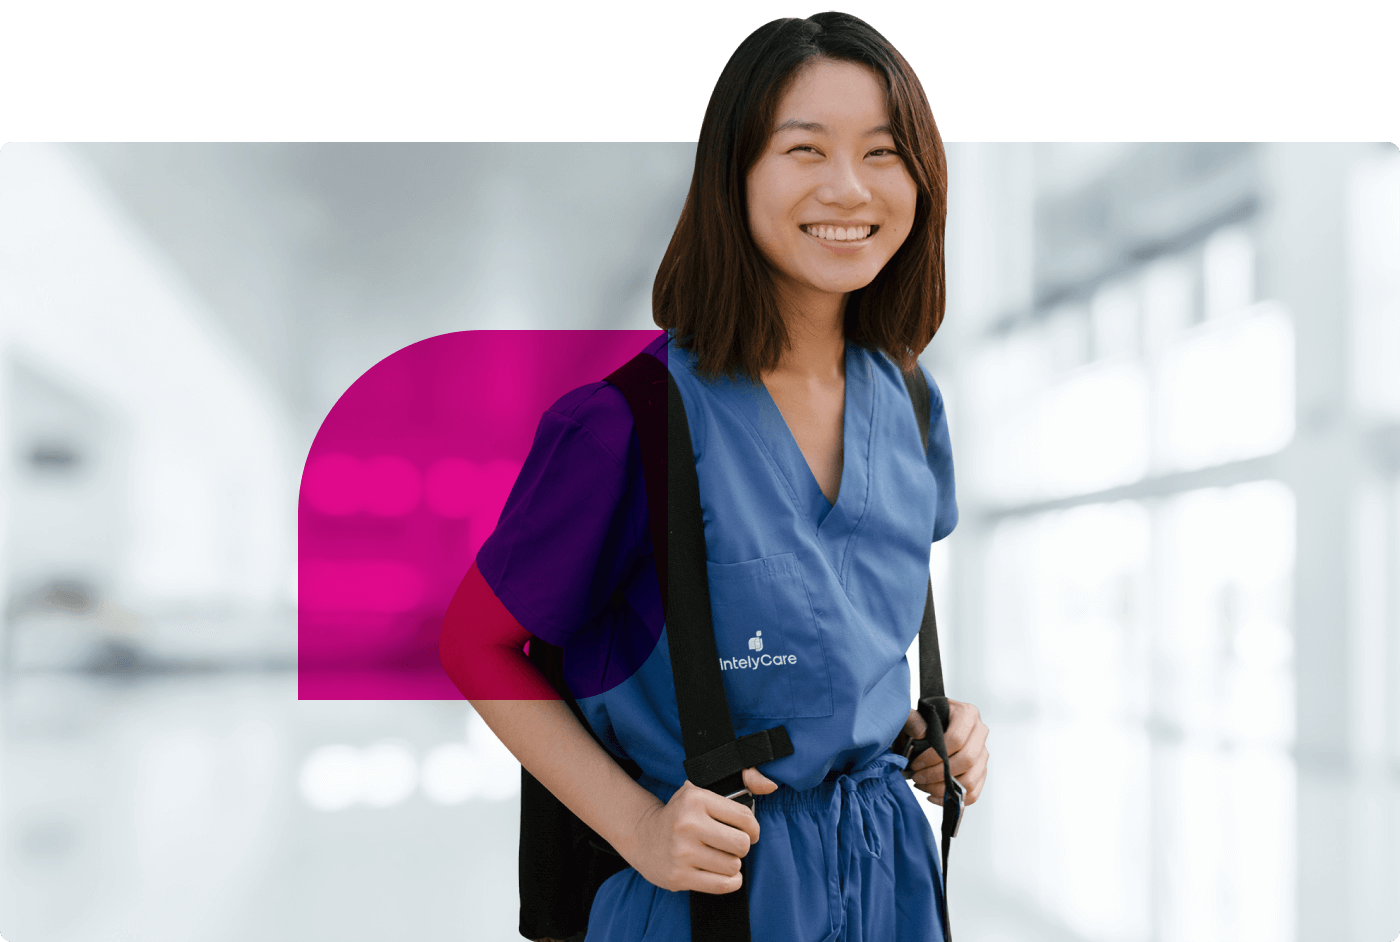 IntelyCare - Nurse with cape